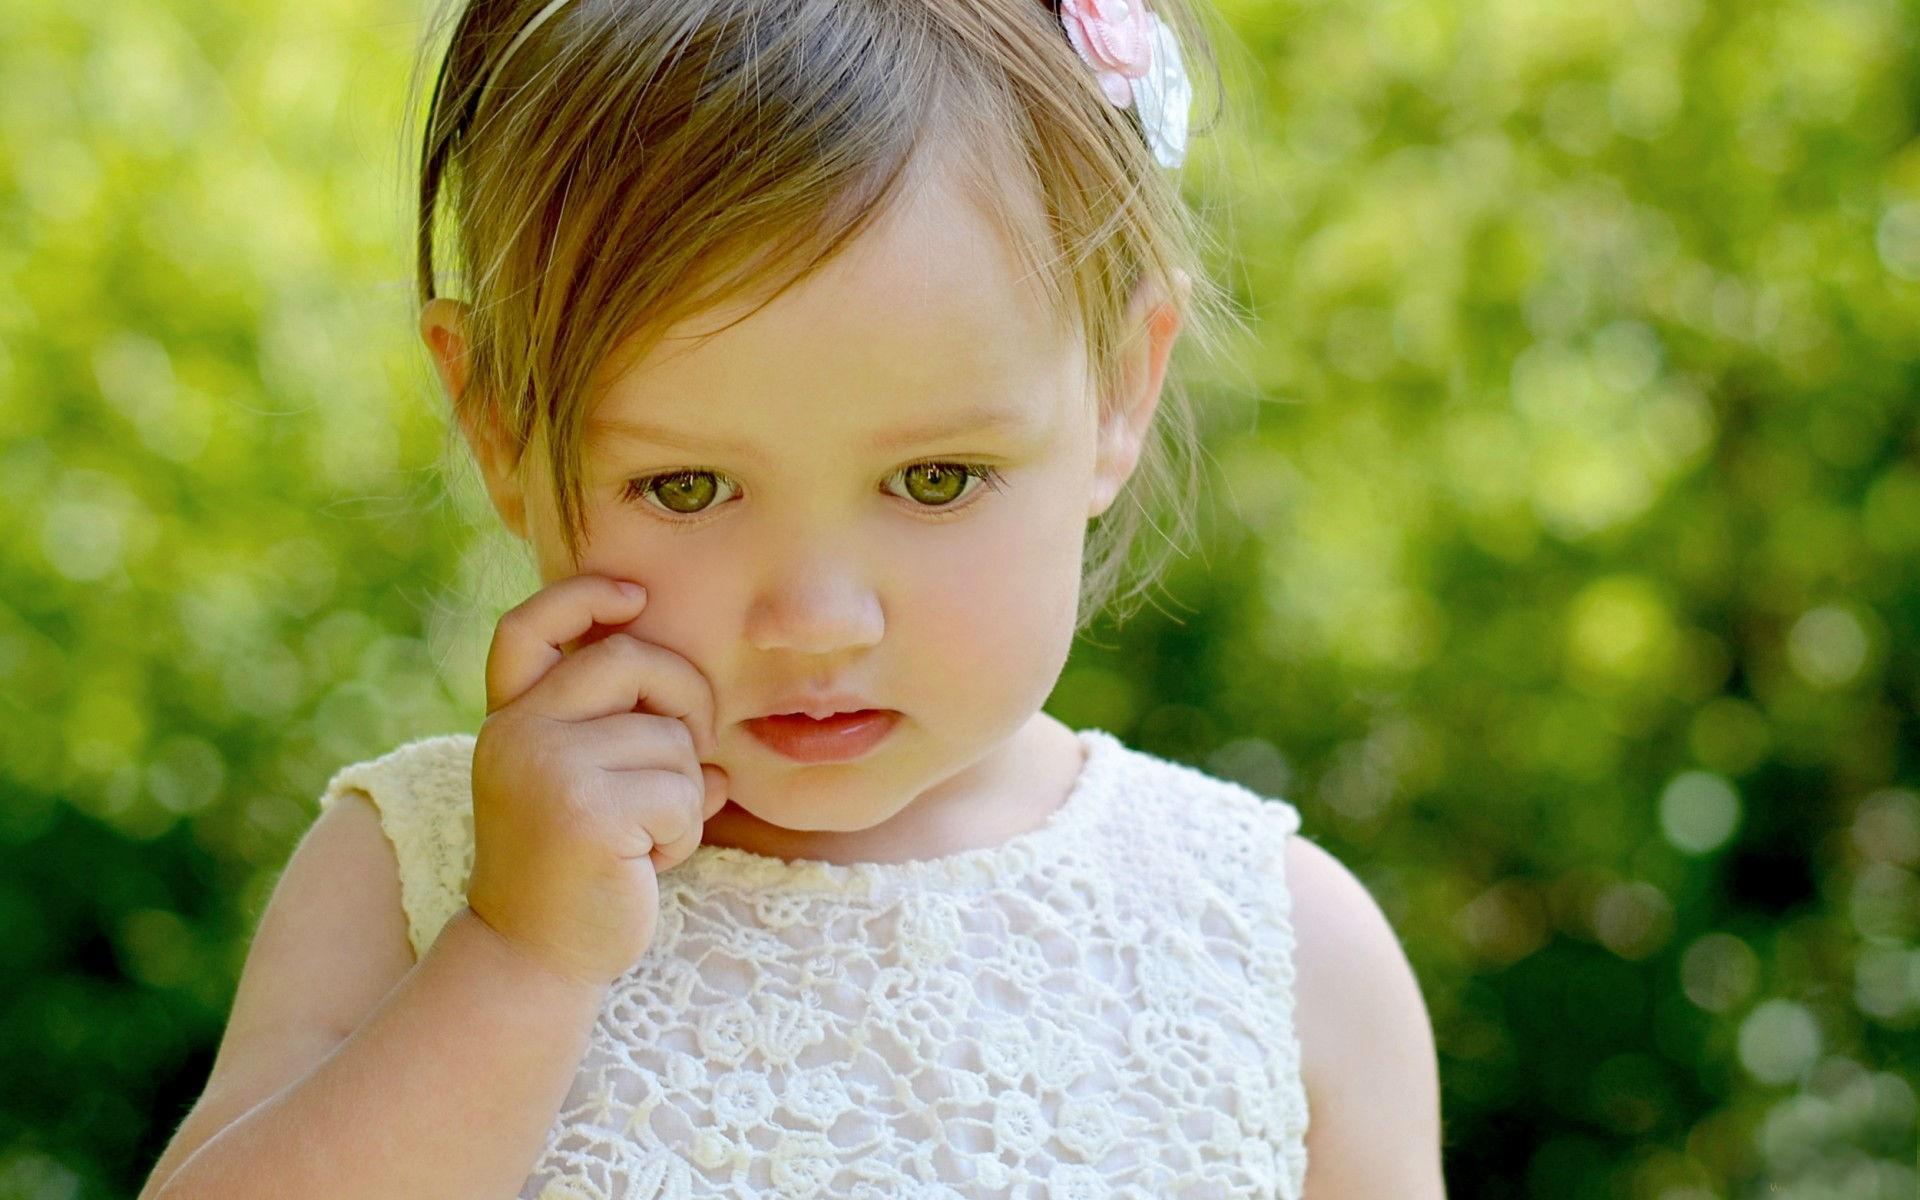 بالصور صور الاطفال , الاطفال واحلي الصور لهم 126 8